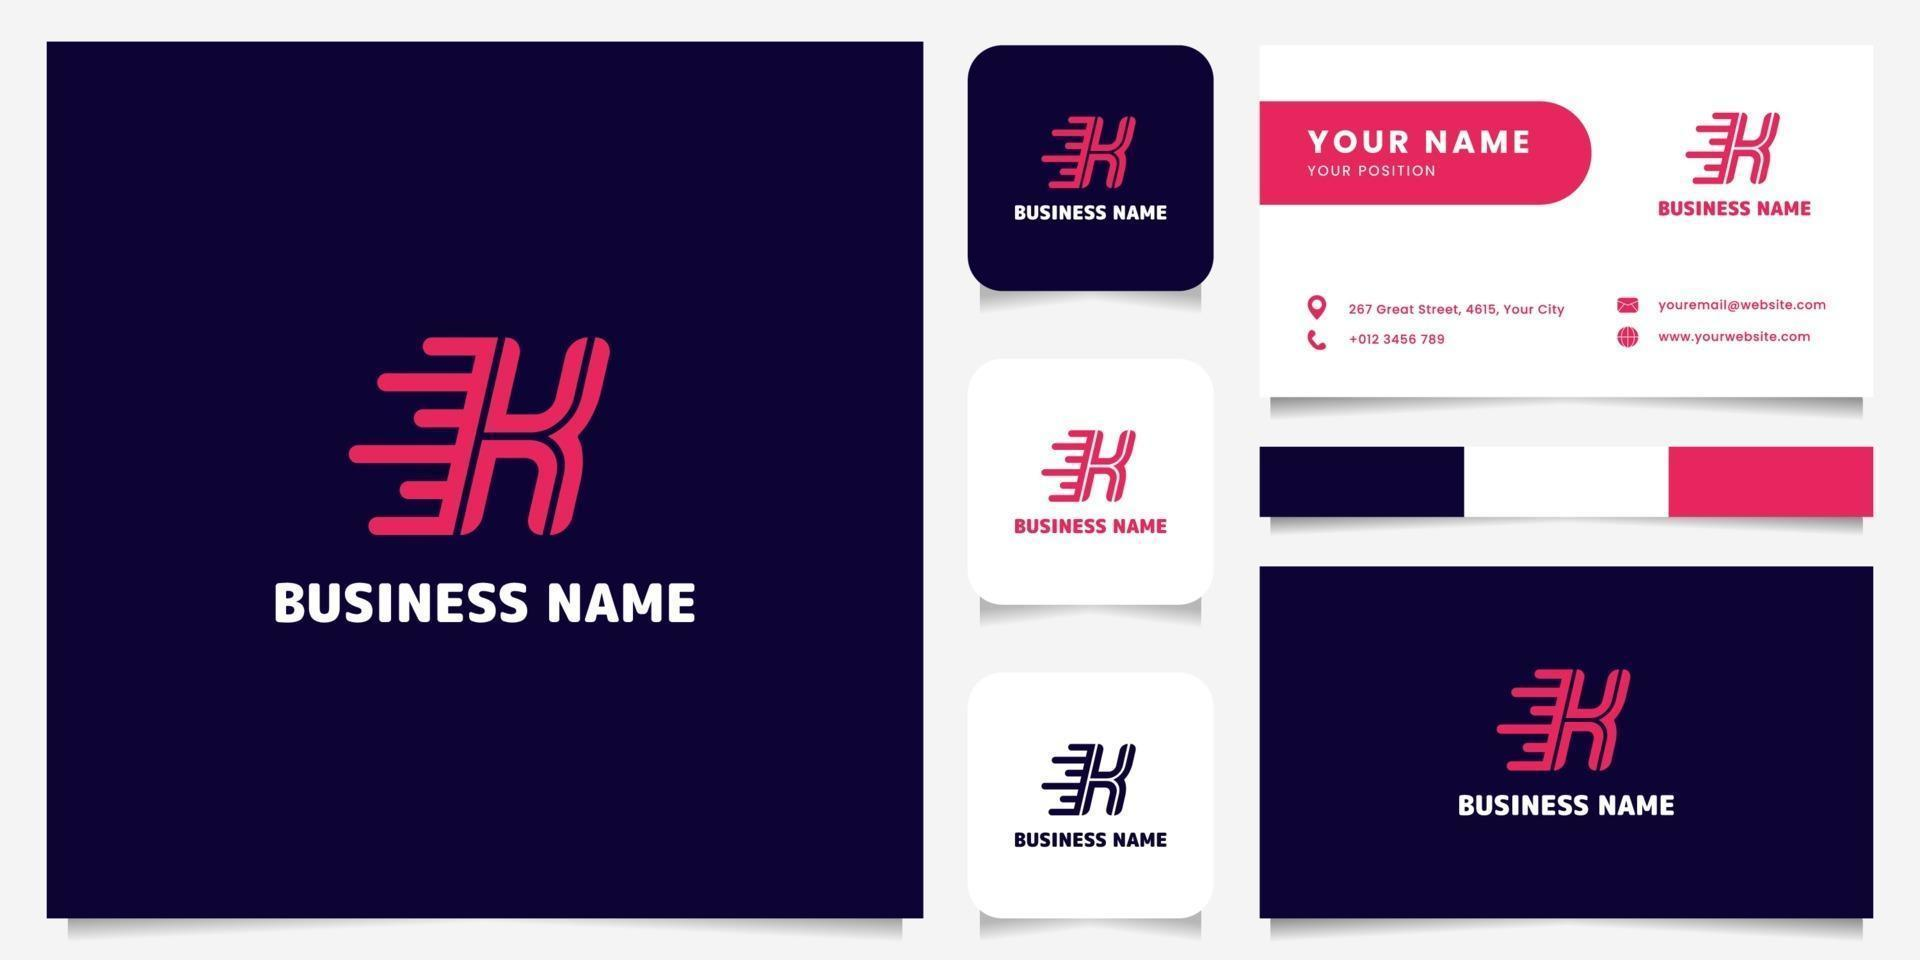 logo di velocità lettera k rosa brillante semplice e minimalista nel logo di sfondo scuro con modello di biglietto da visita vettore